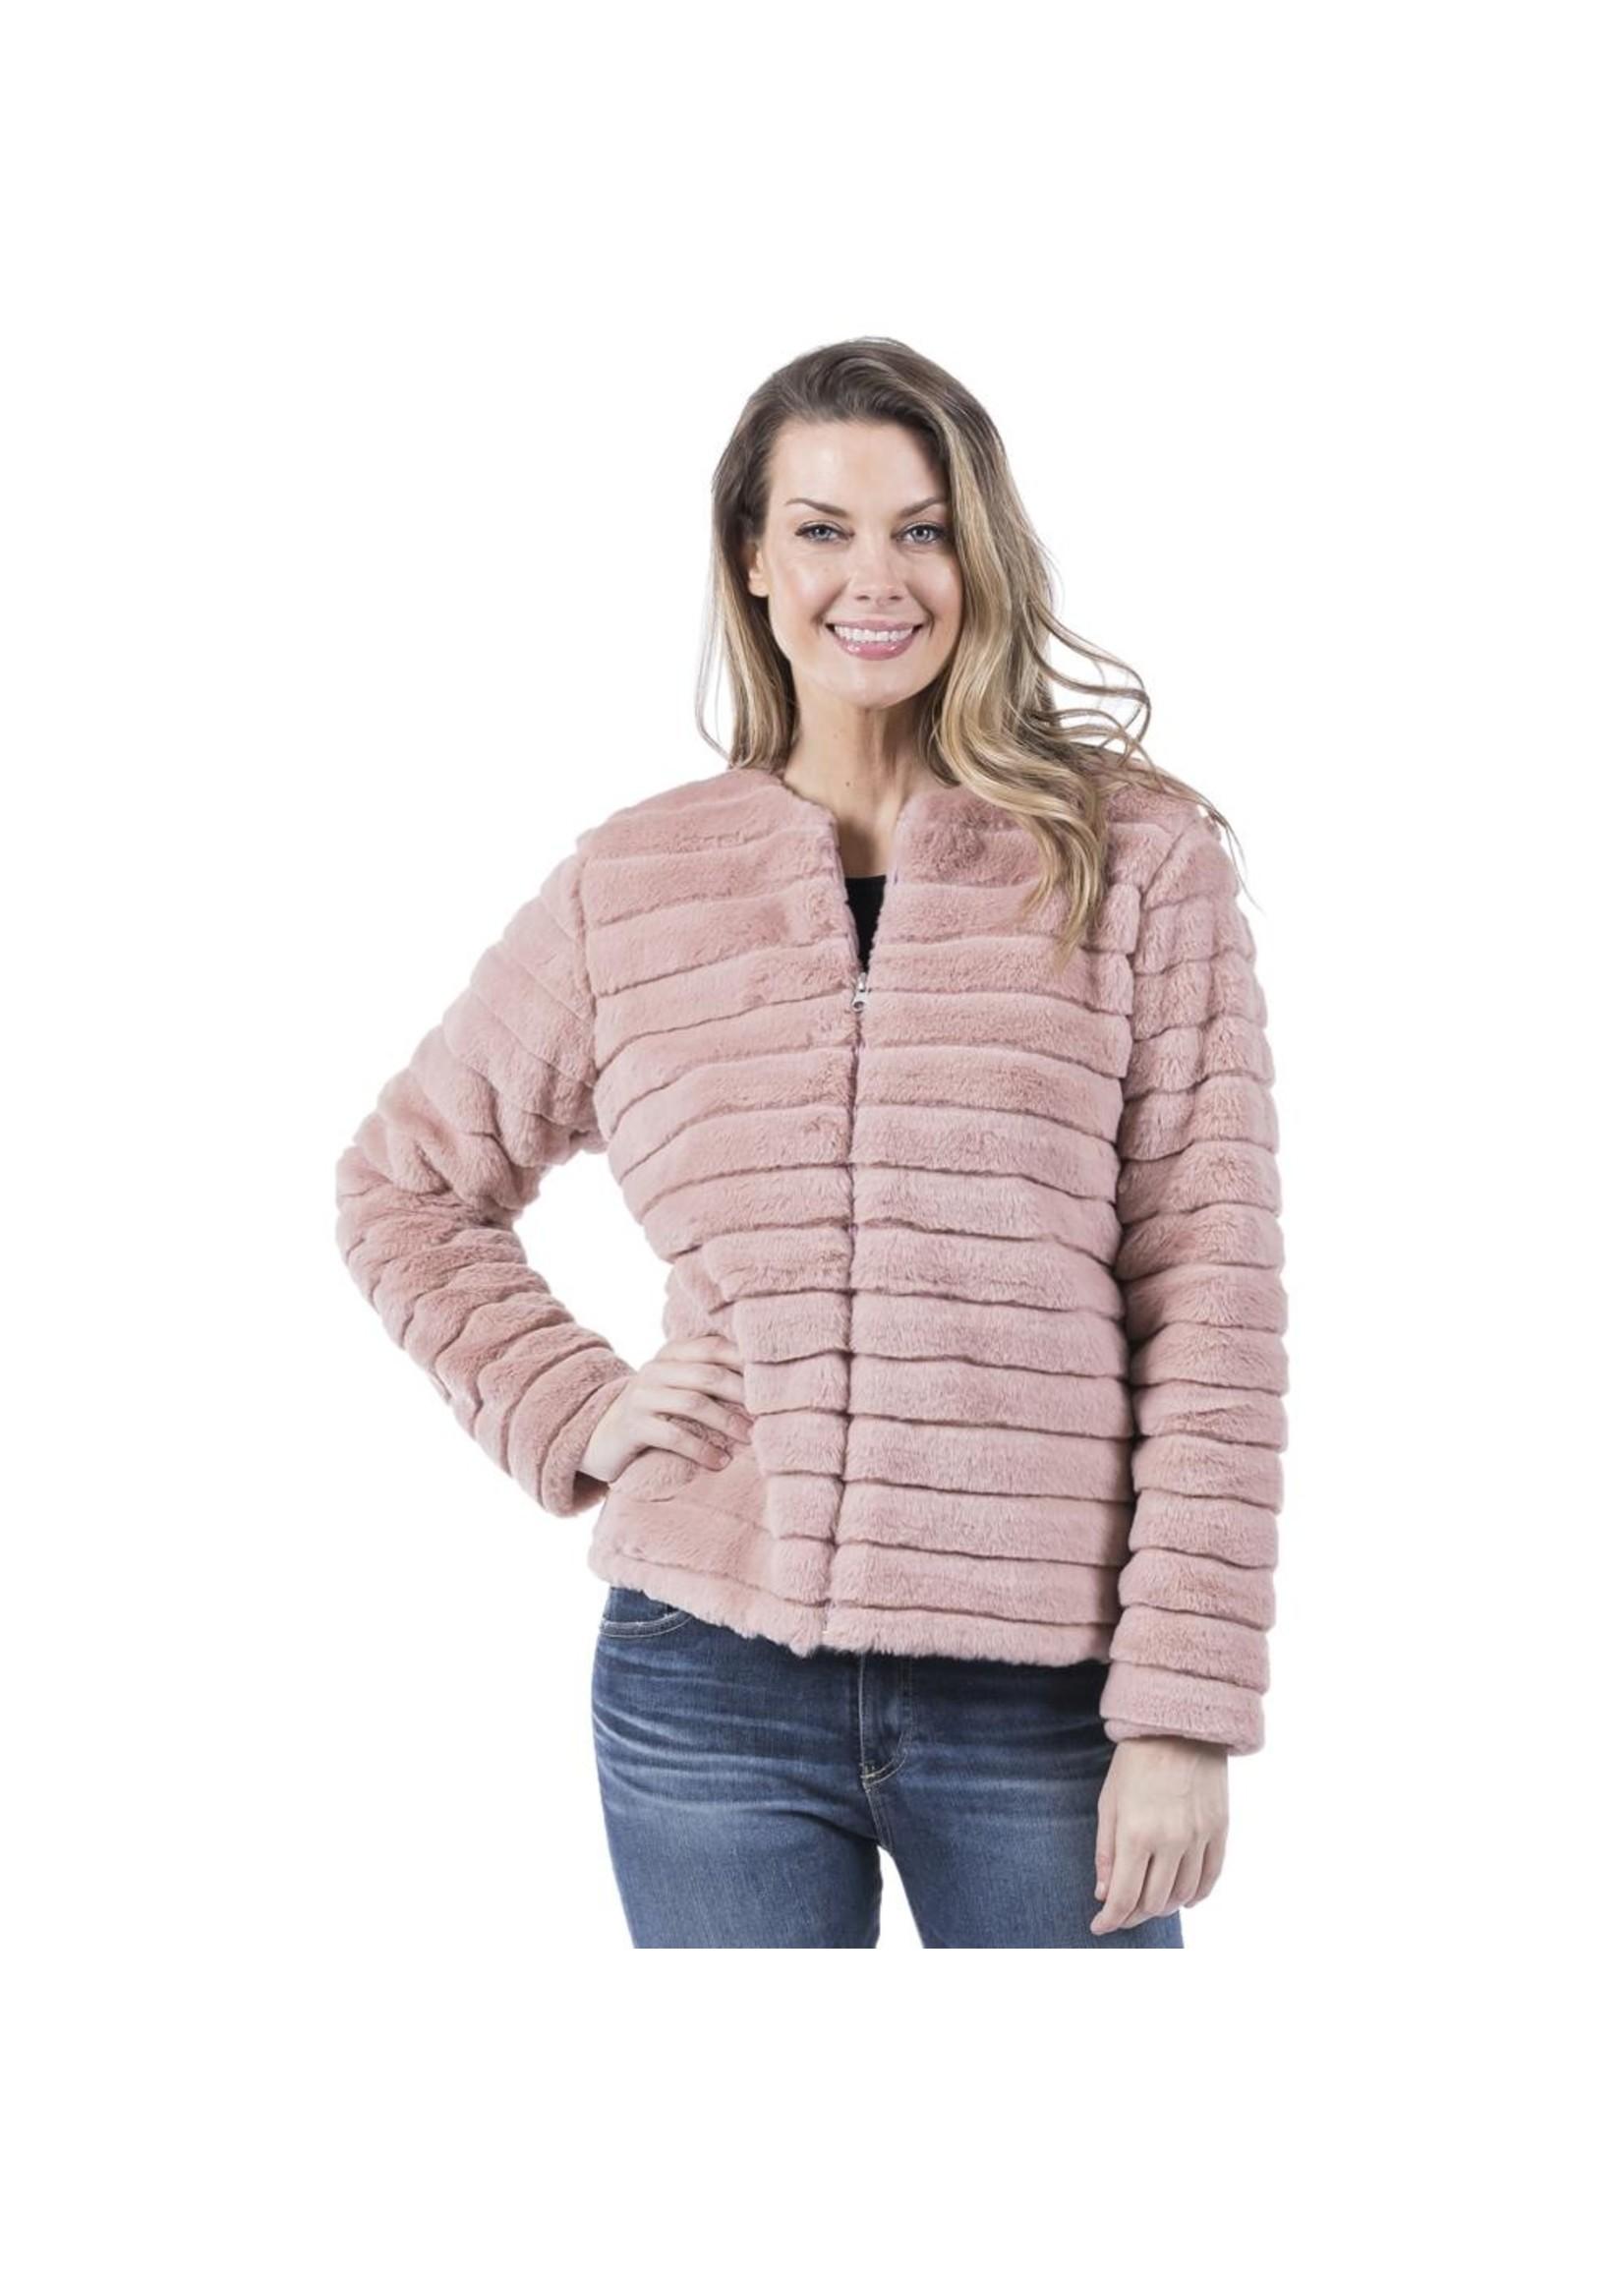 Katydid Faux Rabbit Fur Jacket